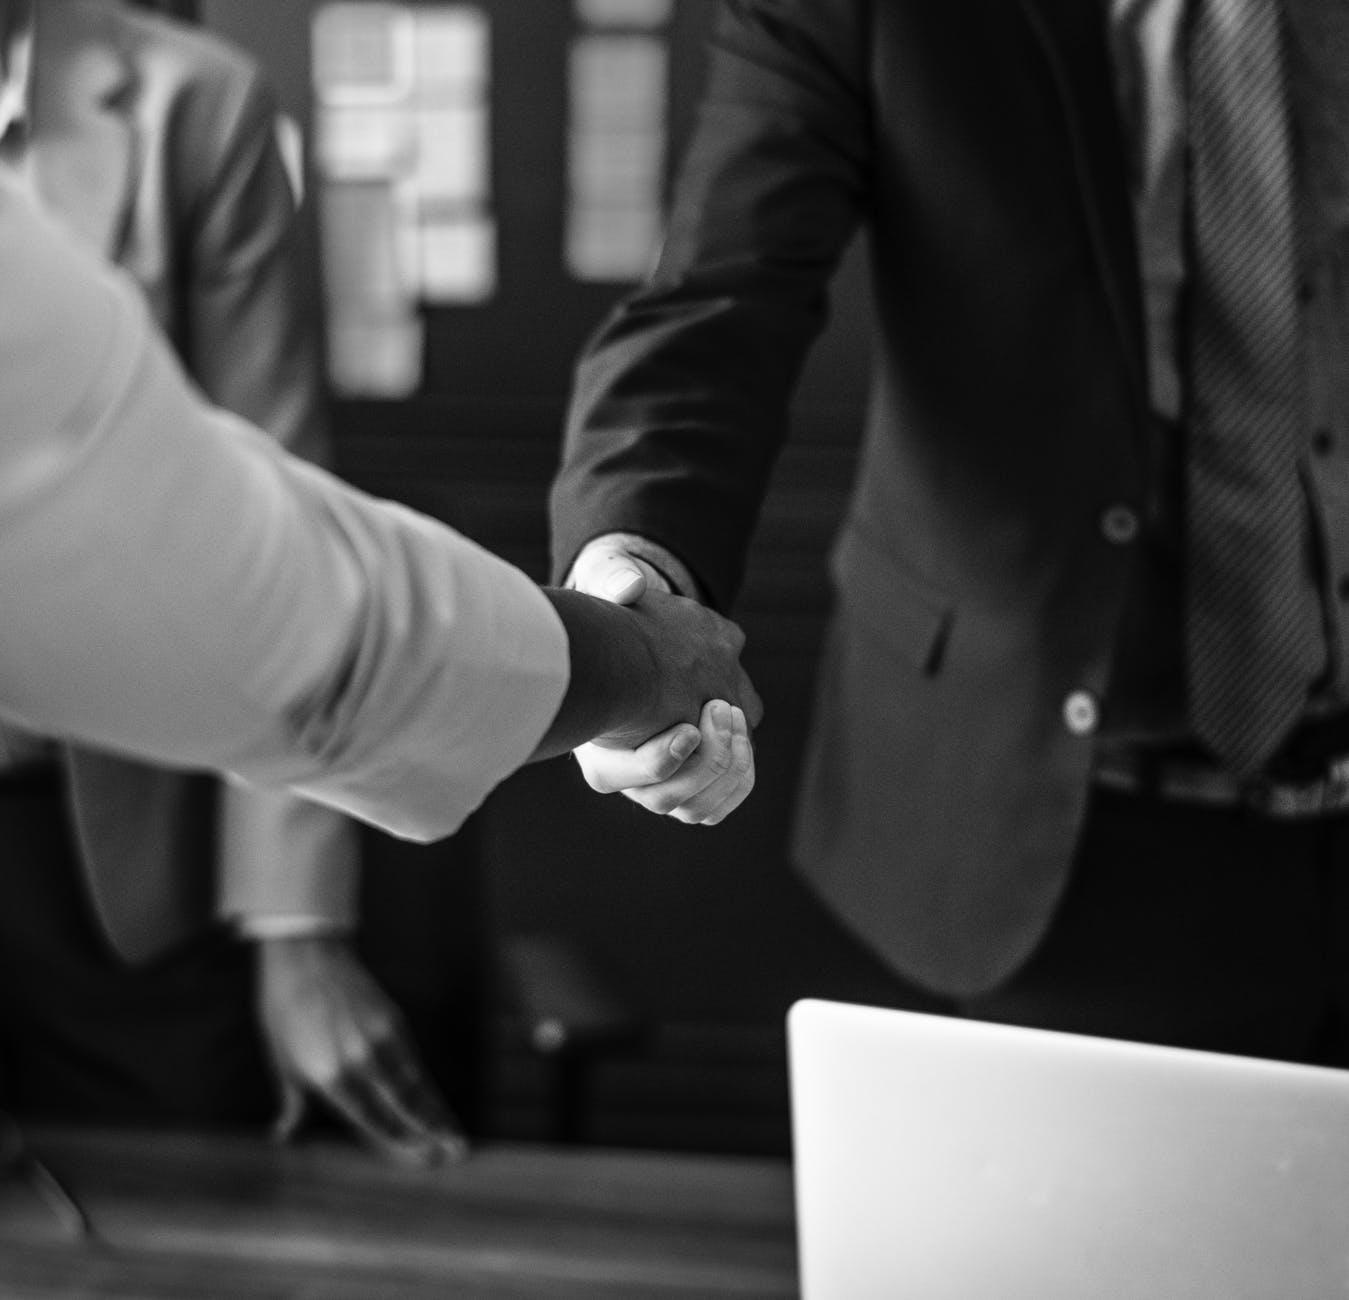 IoTA smart contracts